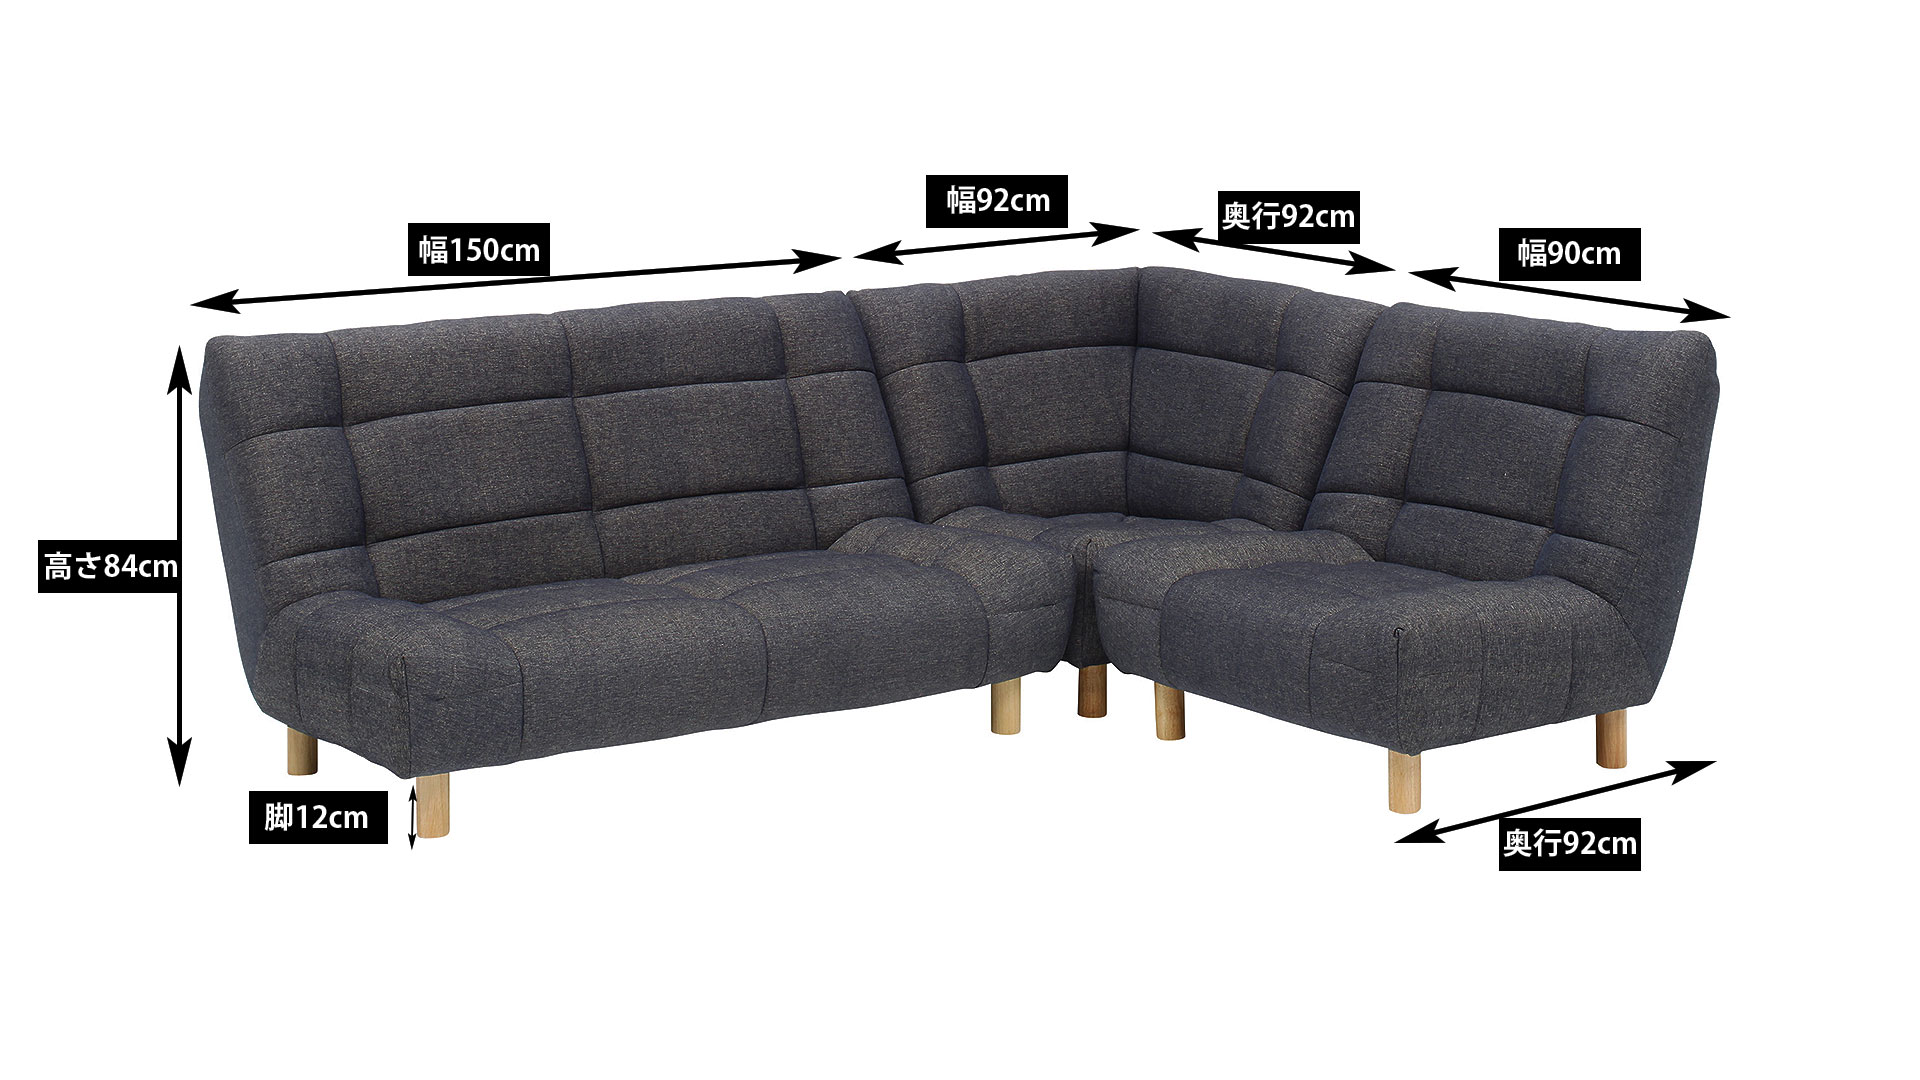 リビンズのソファ「チャオ」のサイズの画像